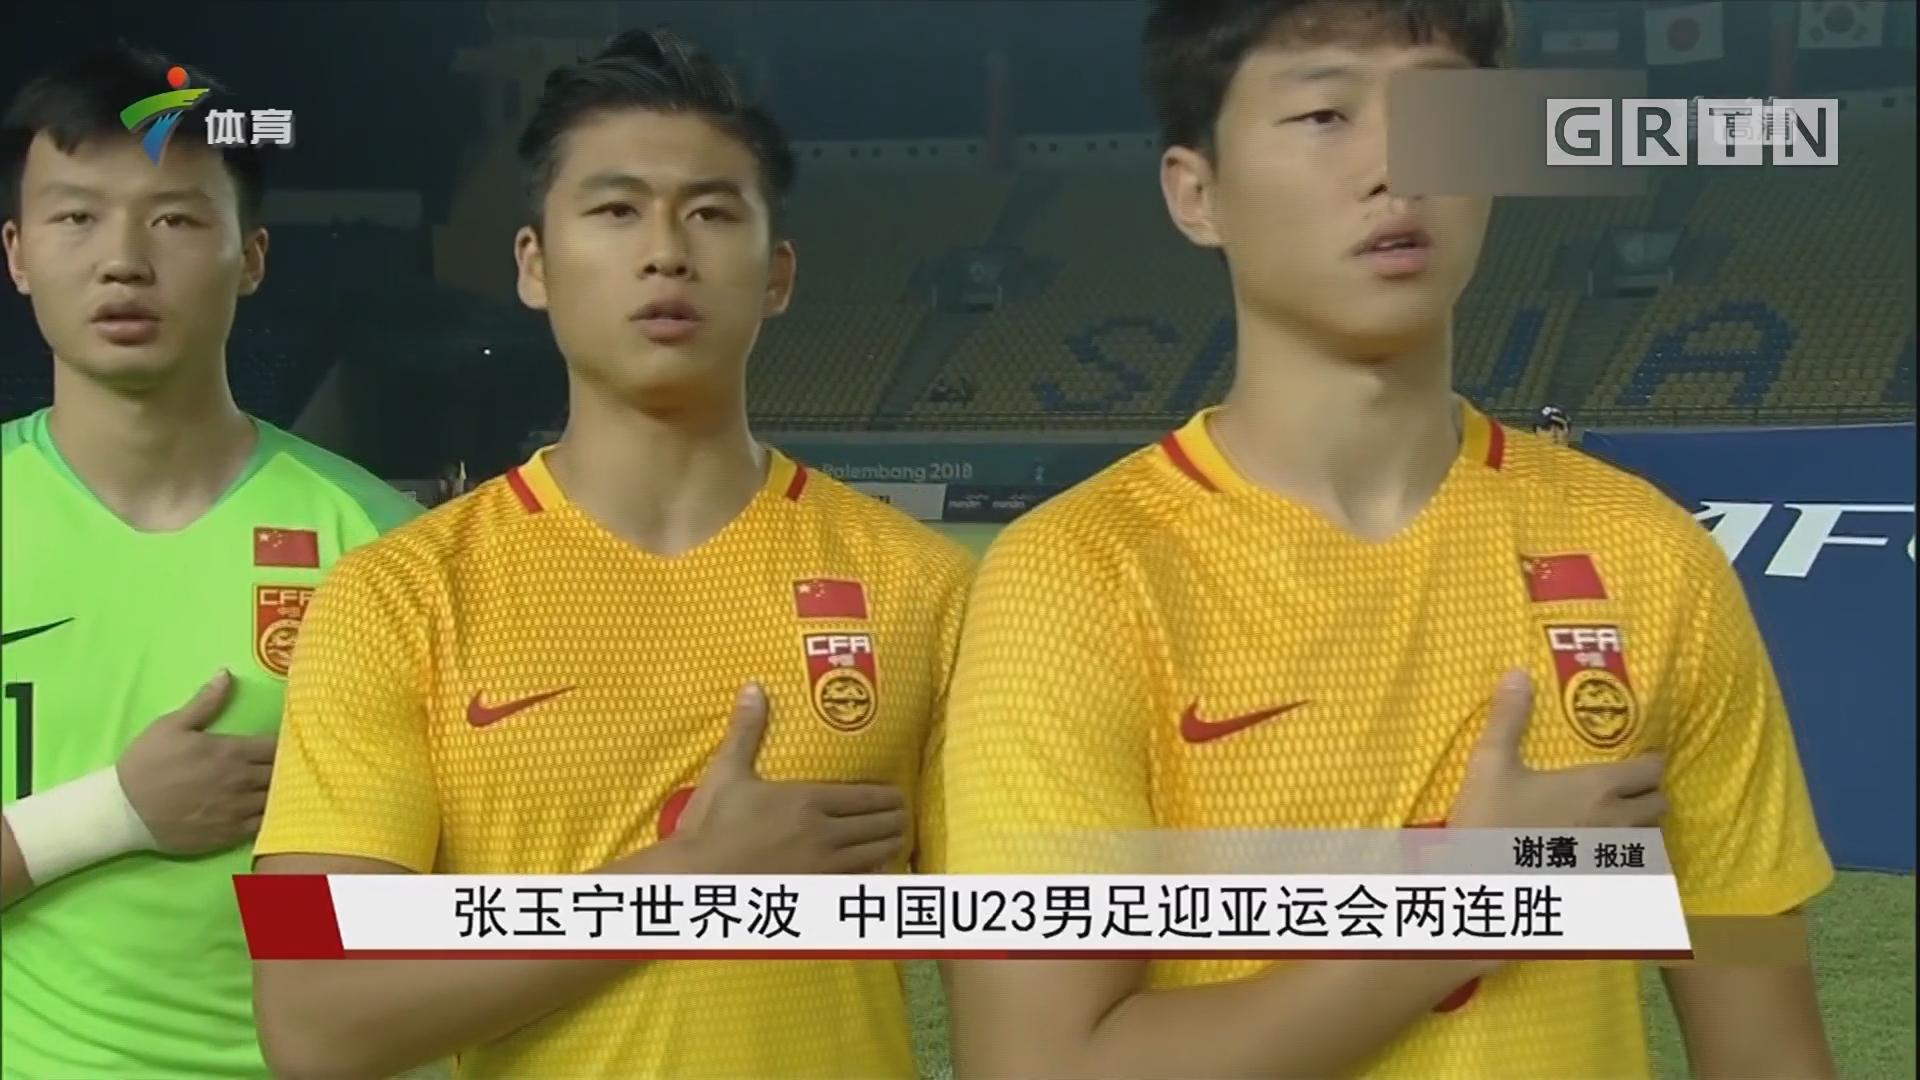 张玉宁世界波 中国U23男足迎亚运会两连胜